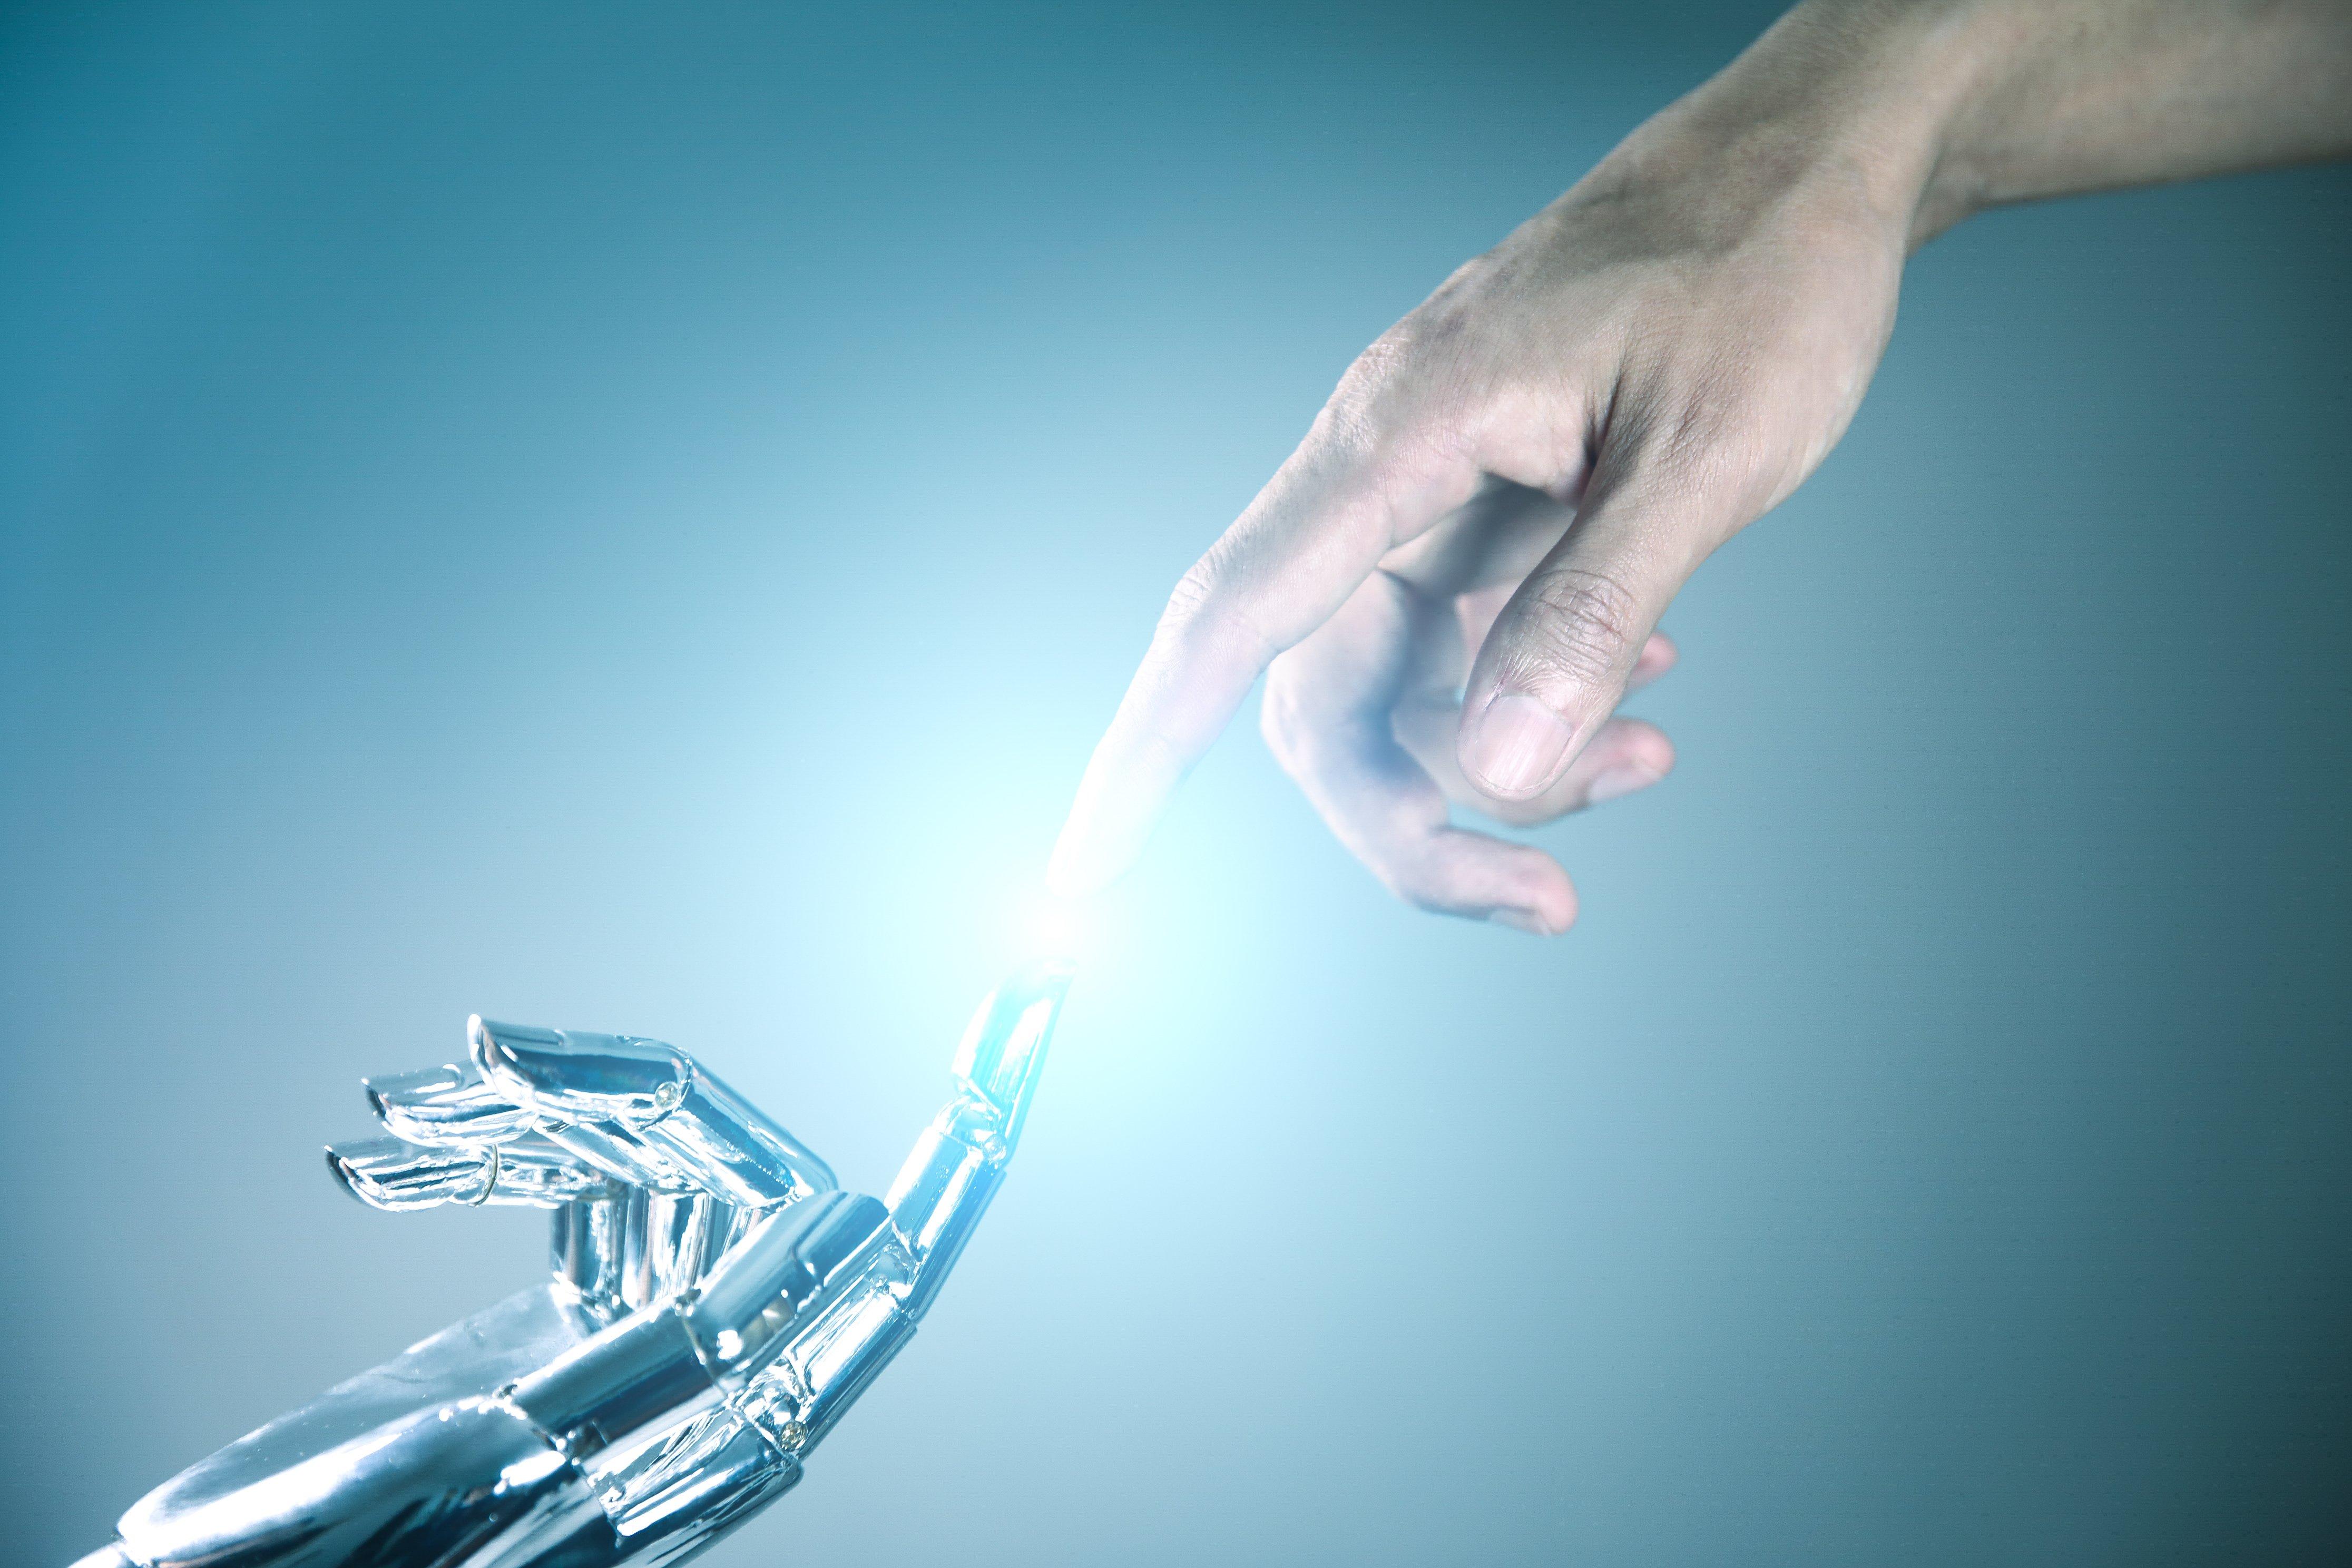 協調ロボットの未来を受け入れる